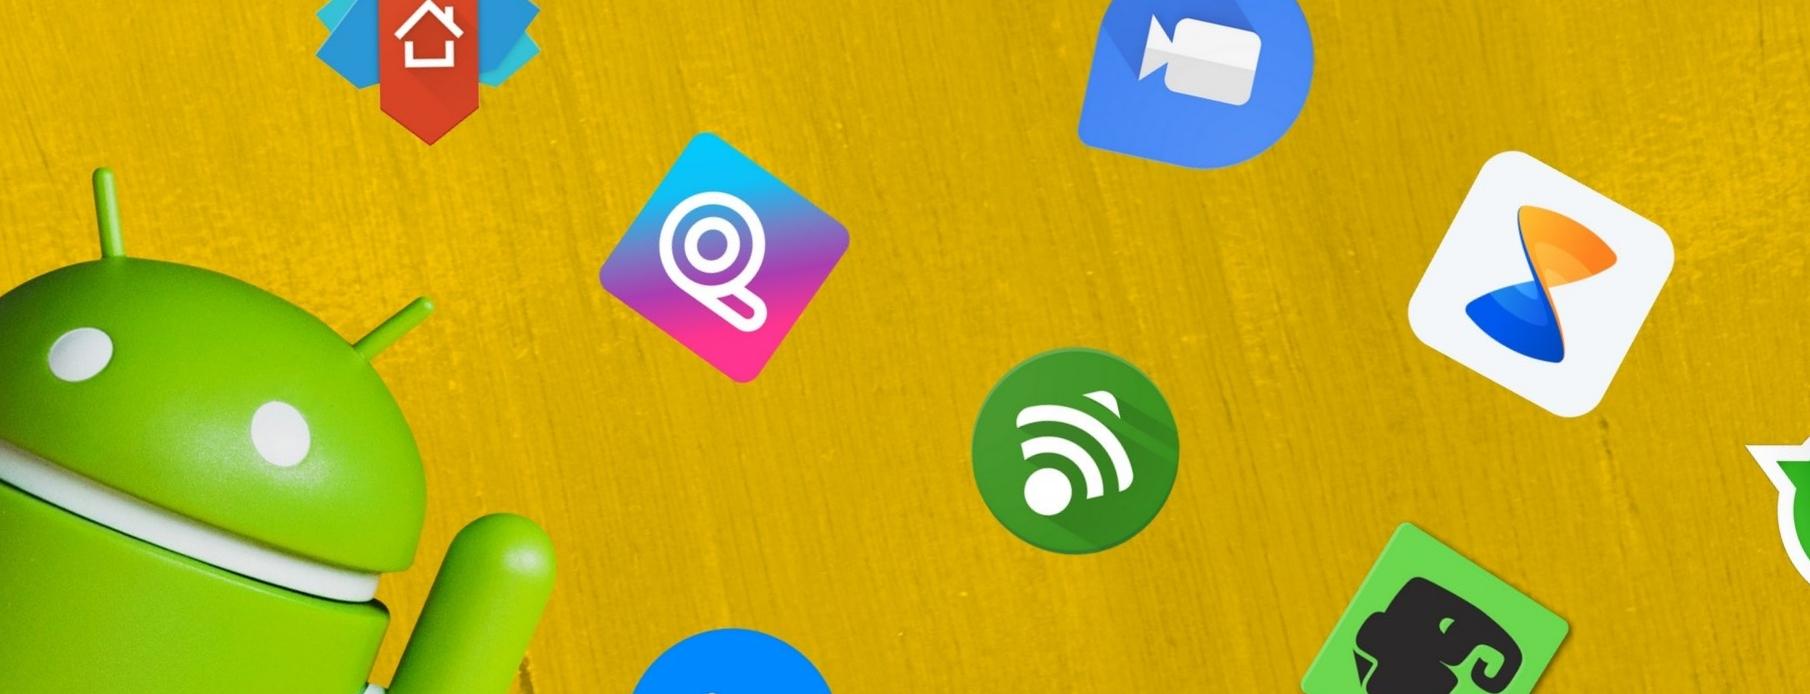 ТОП приложений и игр для мобильников по версии Sensortowe